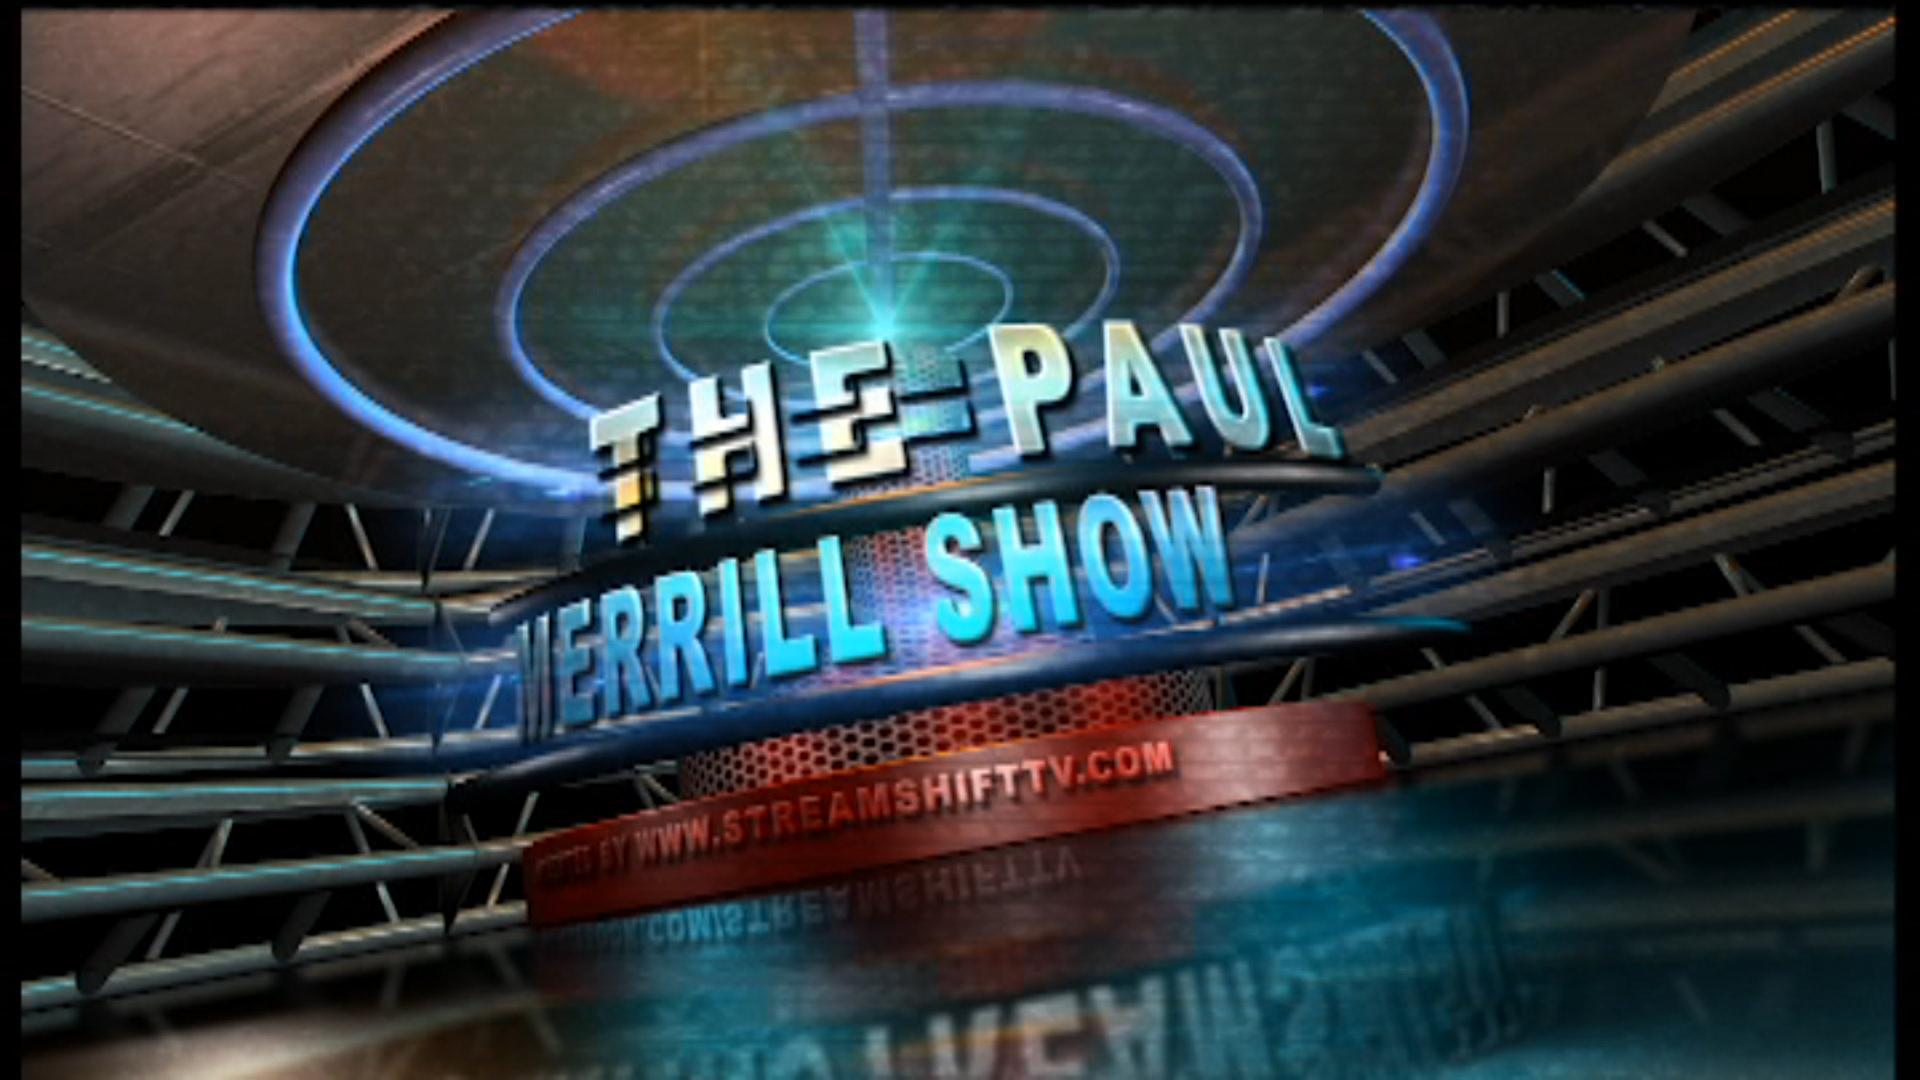 The Paul Merrill Show - June 10th, 2019